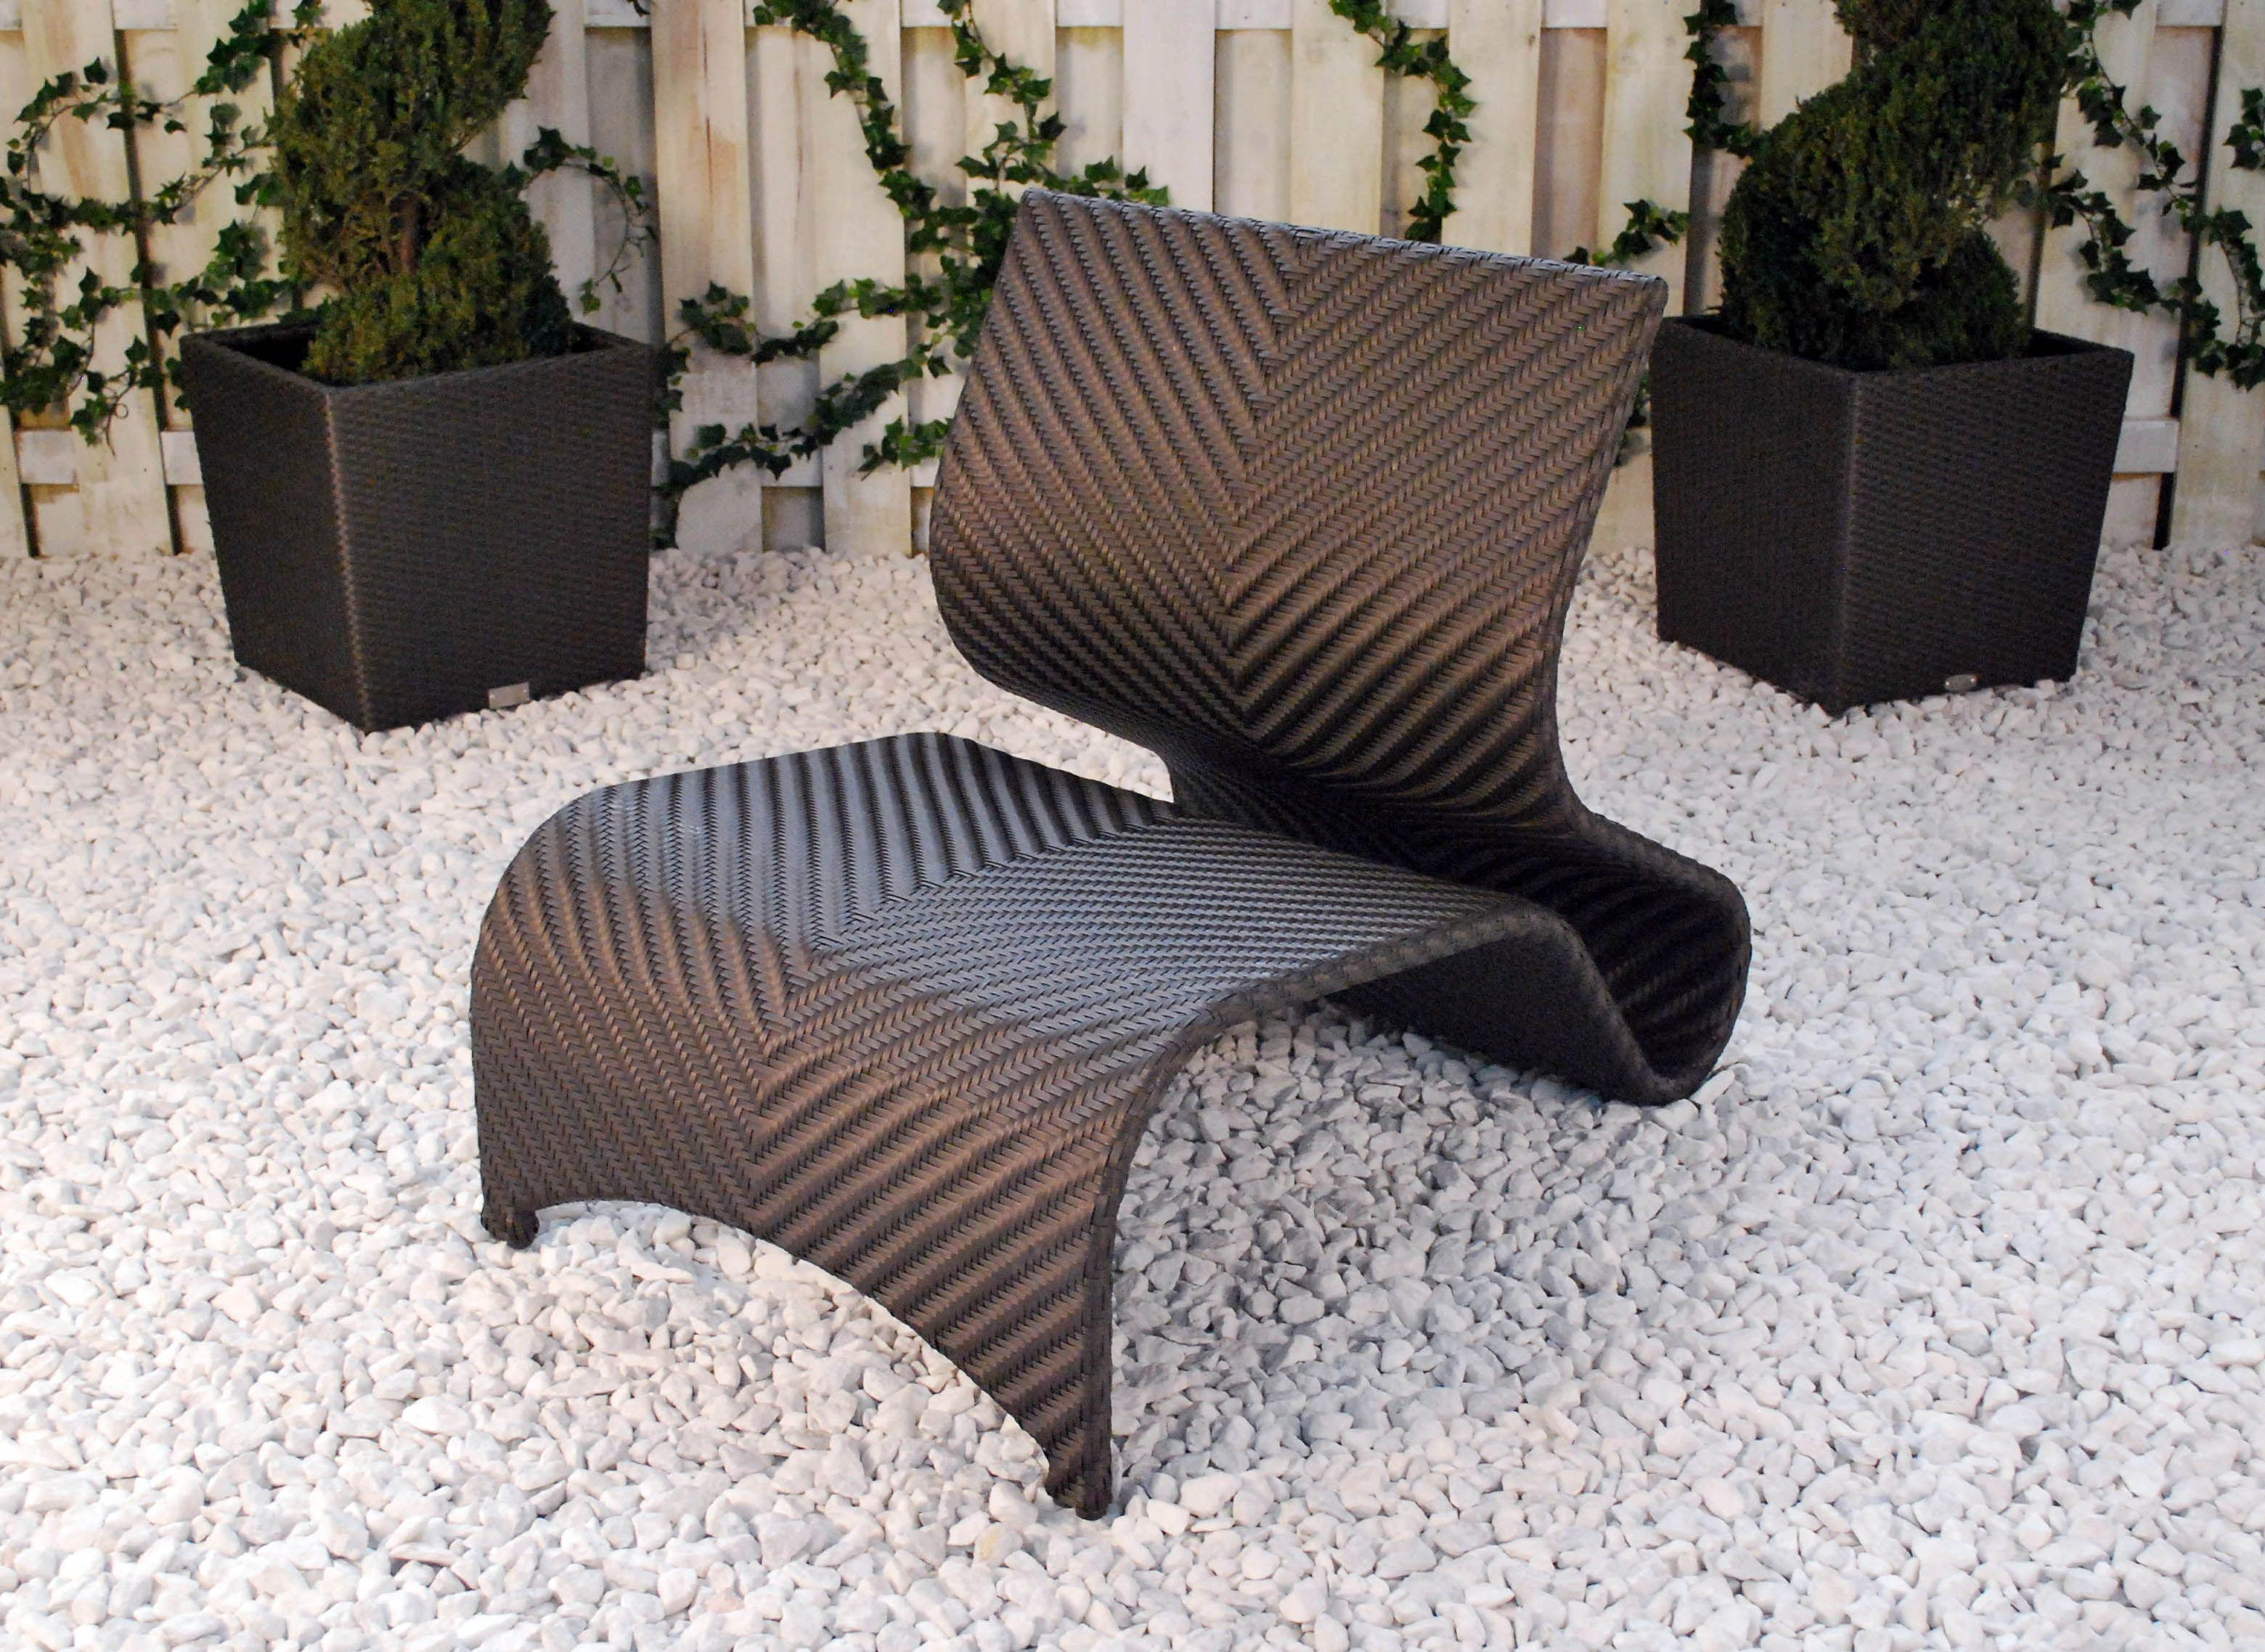 Kannoa Luxury Patio Furniture